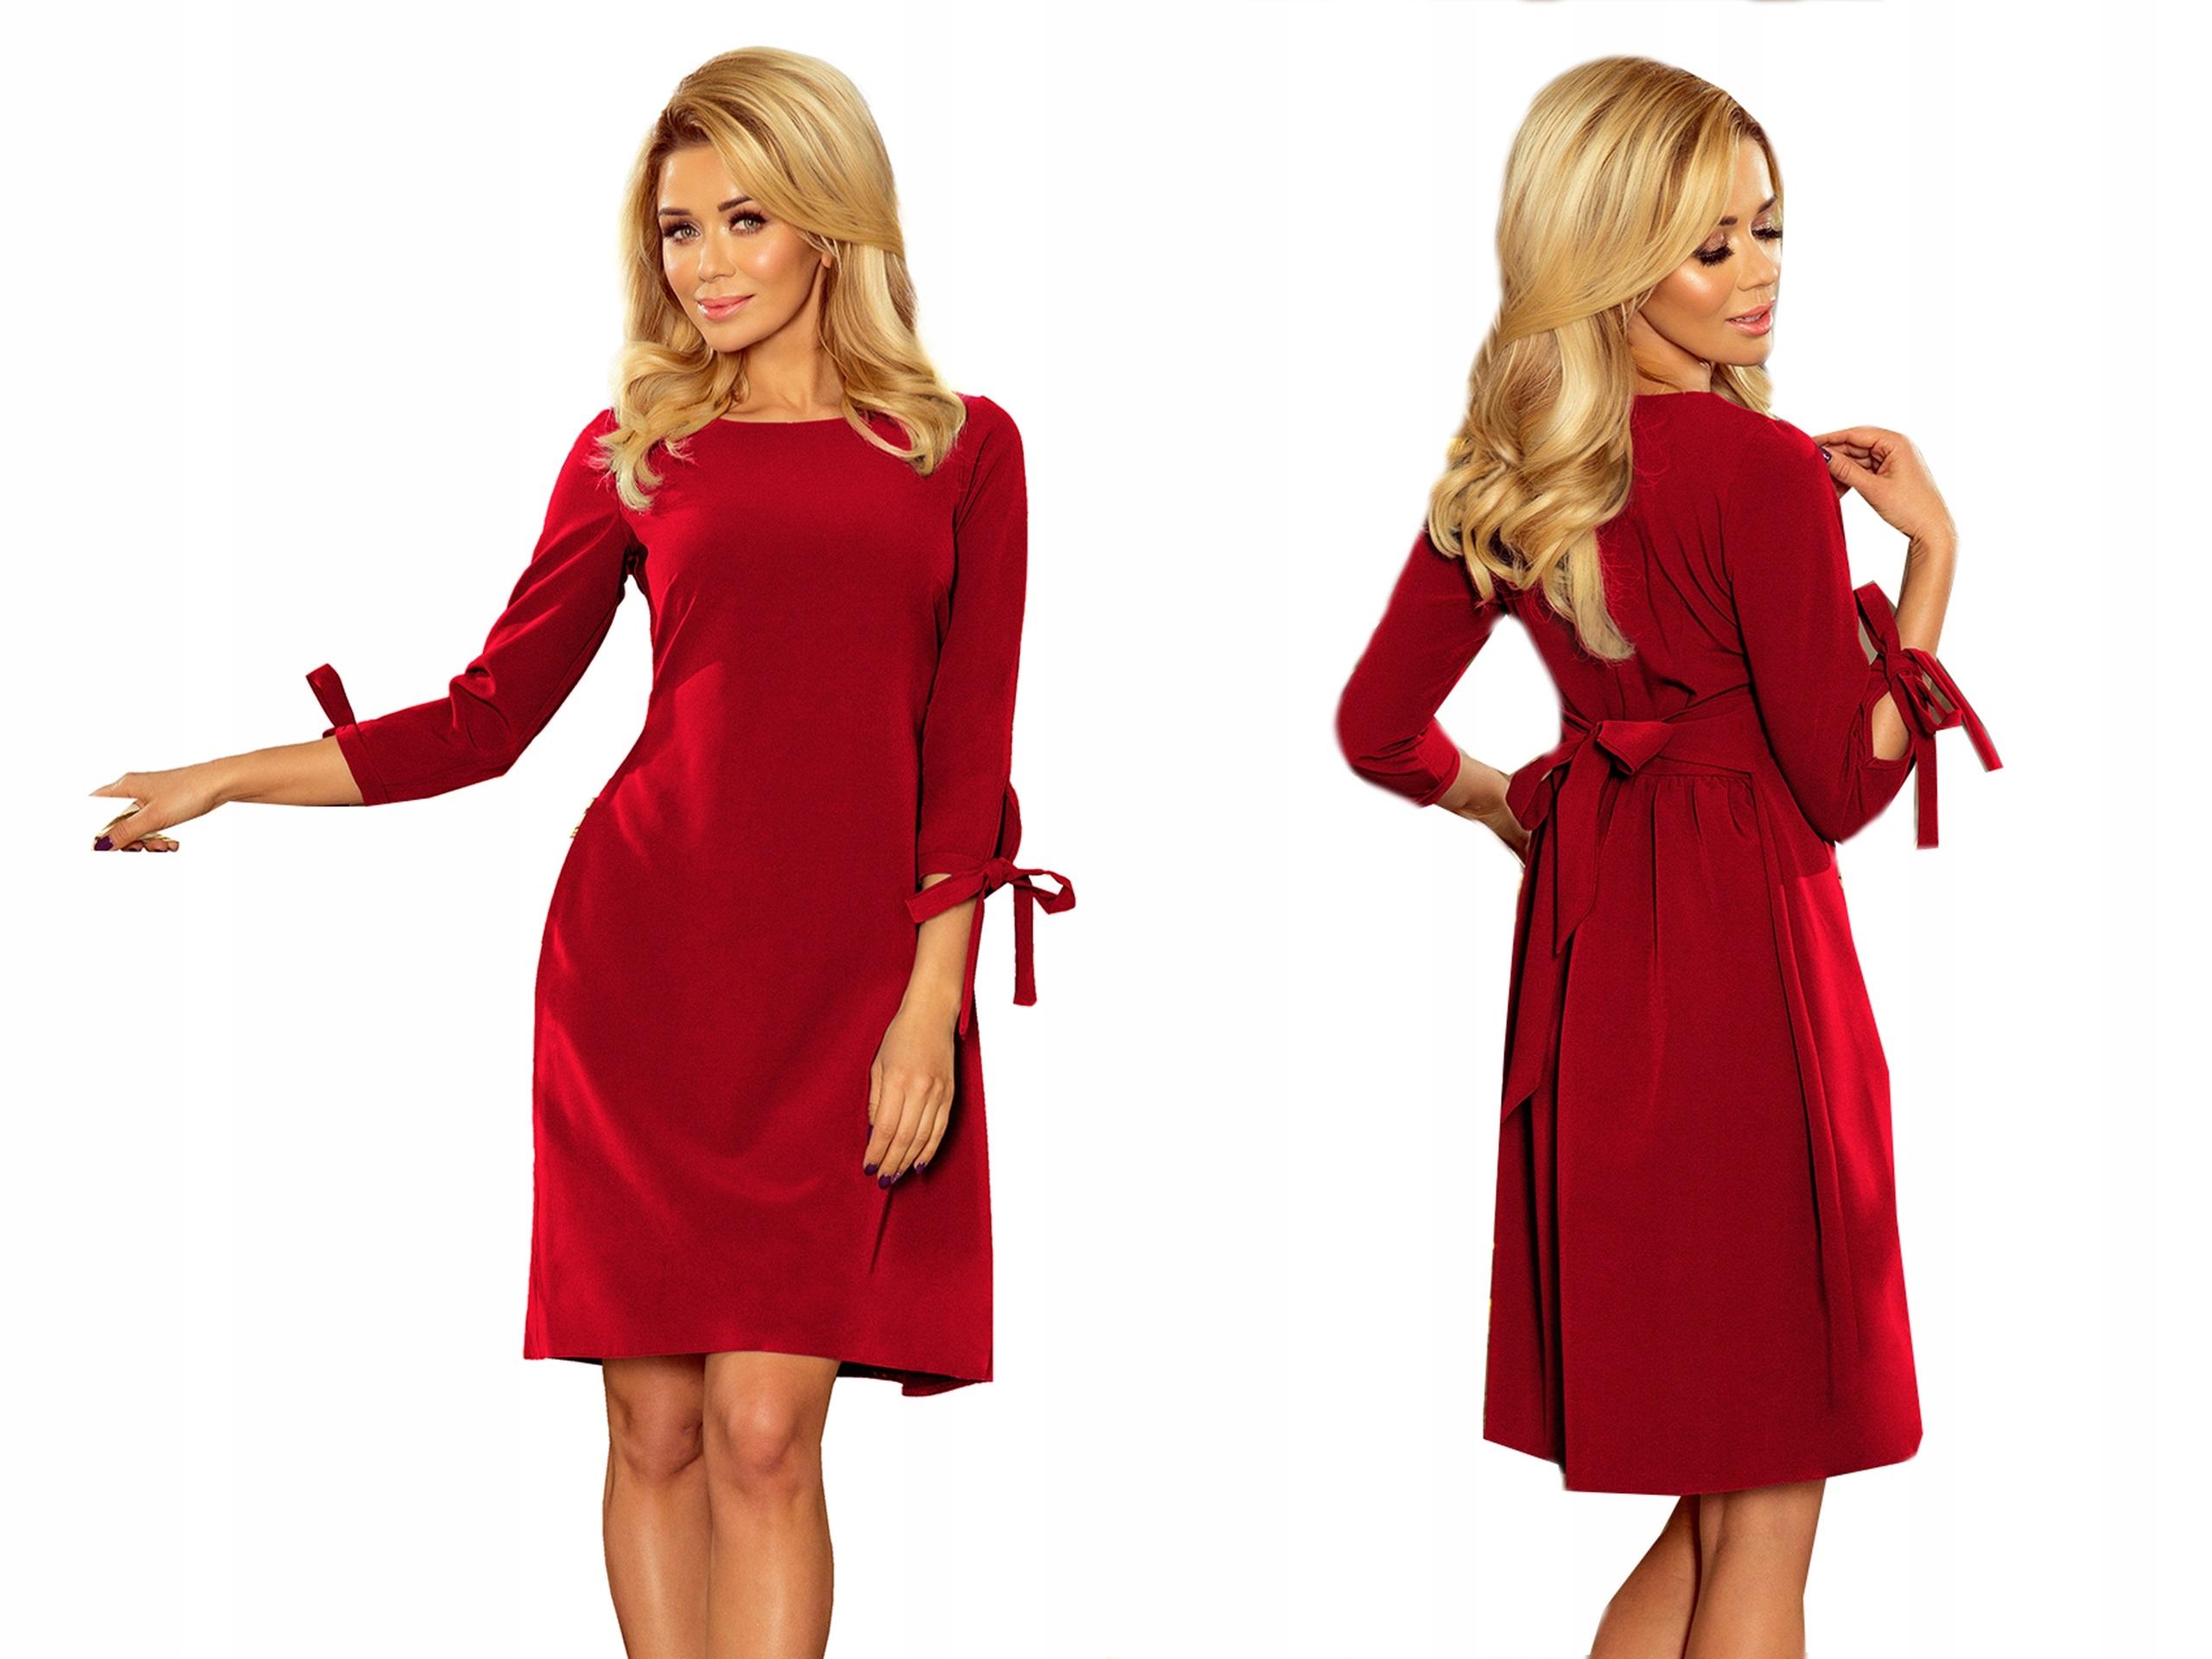 10013f8608 WYGODNA Sukienka NA URODZINY OKAZJĘ 195-3 XL 42 7582519488 - Allegro.pl